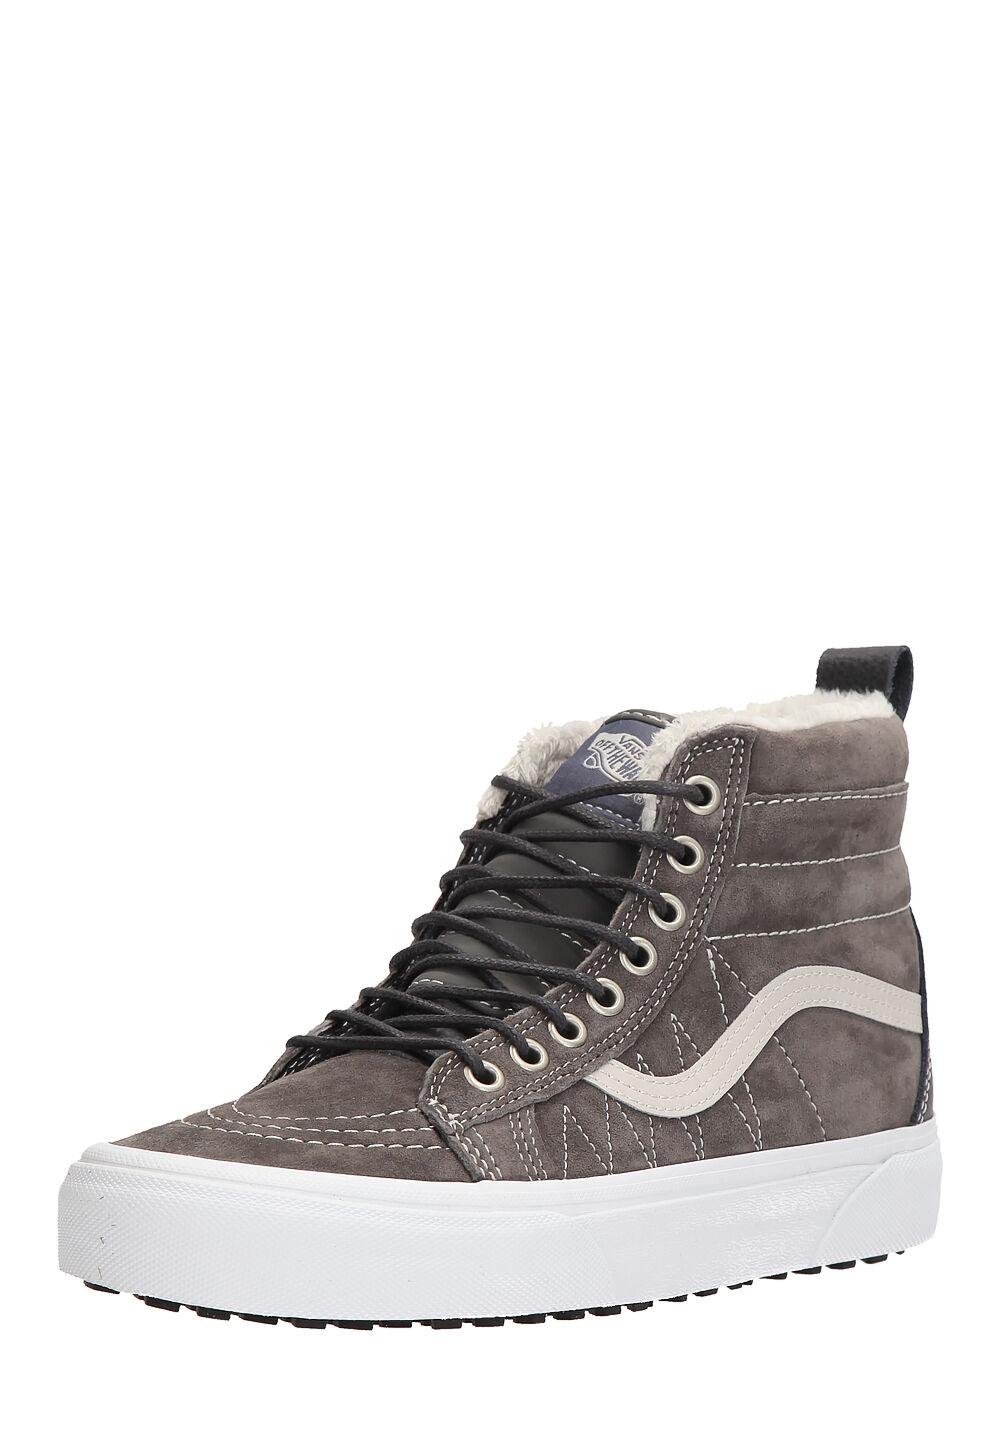 Vans Hightop-Sneaker UA Sk8-Hi Mte, Leder, grau/weiß